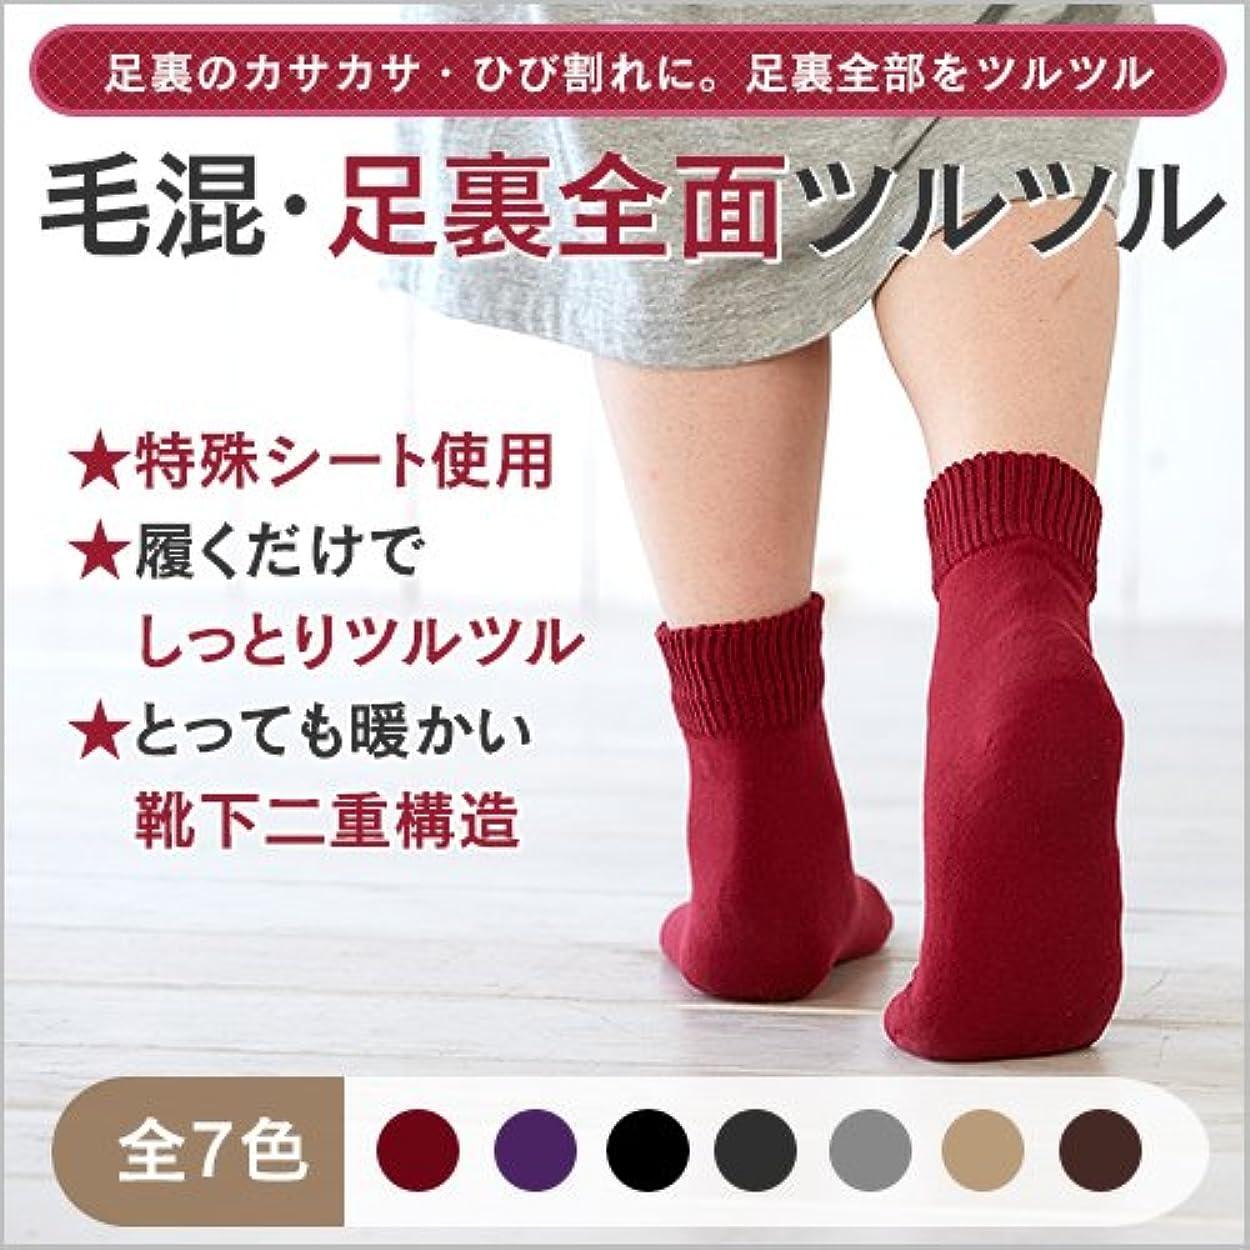 市場迫害する頑丈足裏 全面 ツルツル 保湿 靴下 角質ケア ひび割れ 対策 グレー 23-25cm 太陽ニット 720